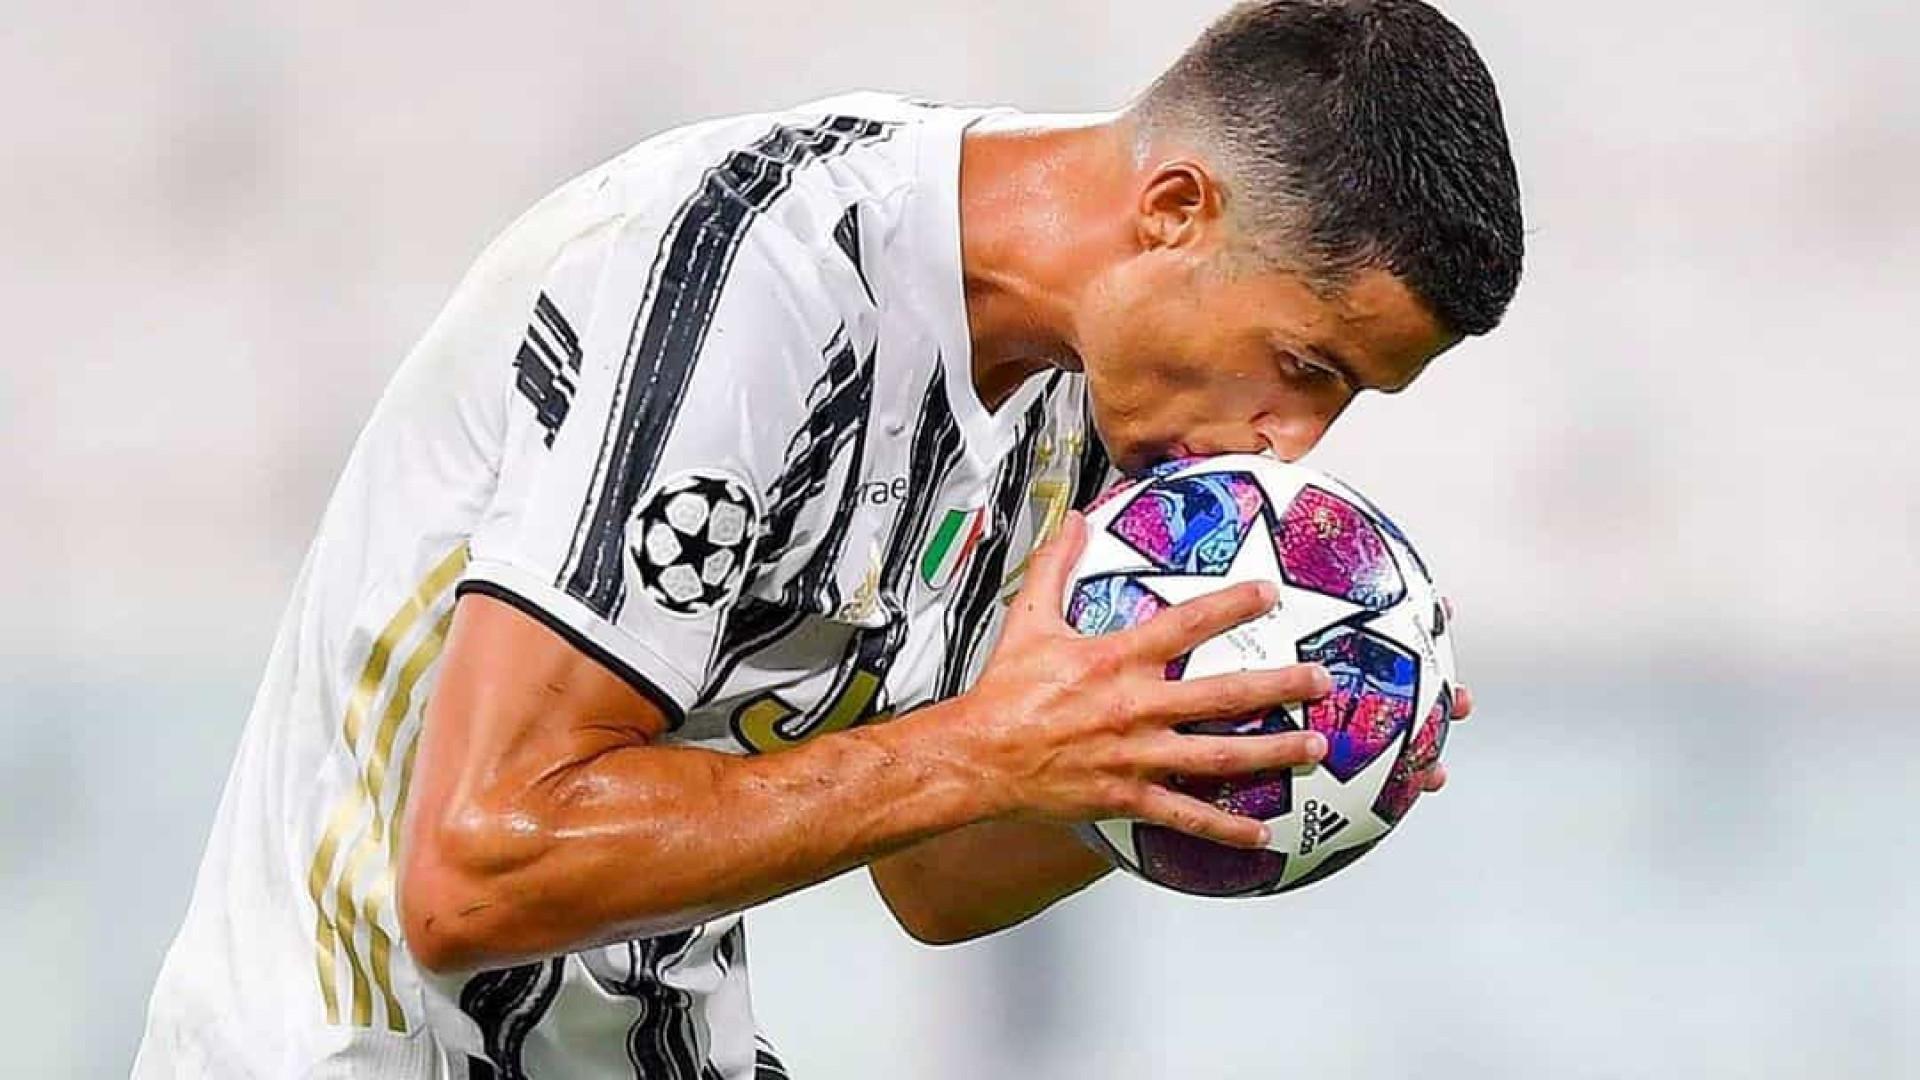 Ministro afirma que Cristiano Ronaldo é investigado por quebra de protocolo